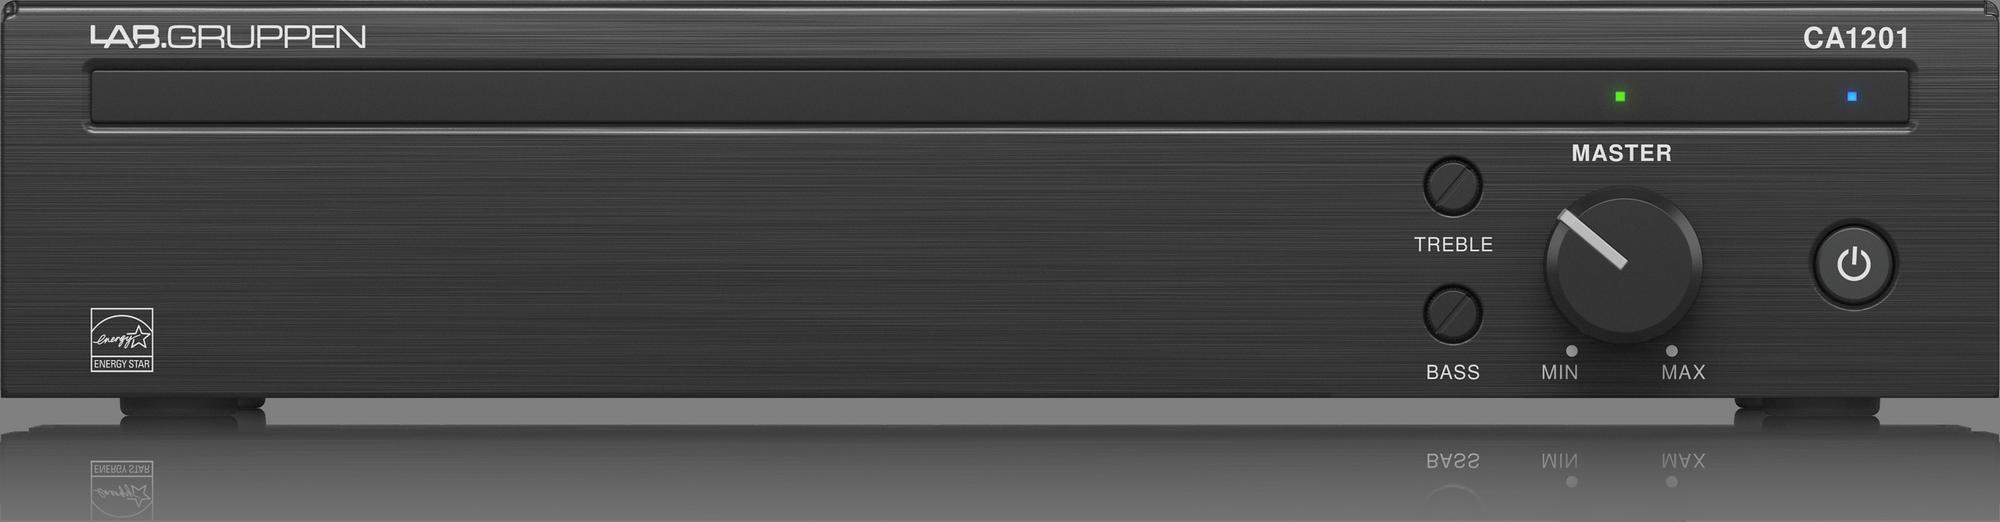 Lab Gruppen CA1201 - Eindversterker